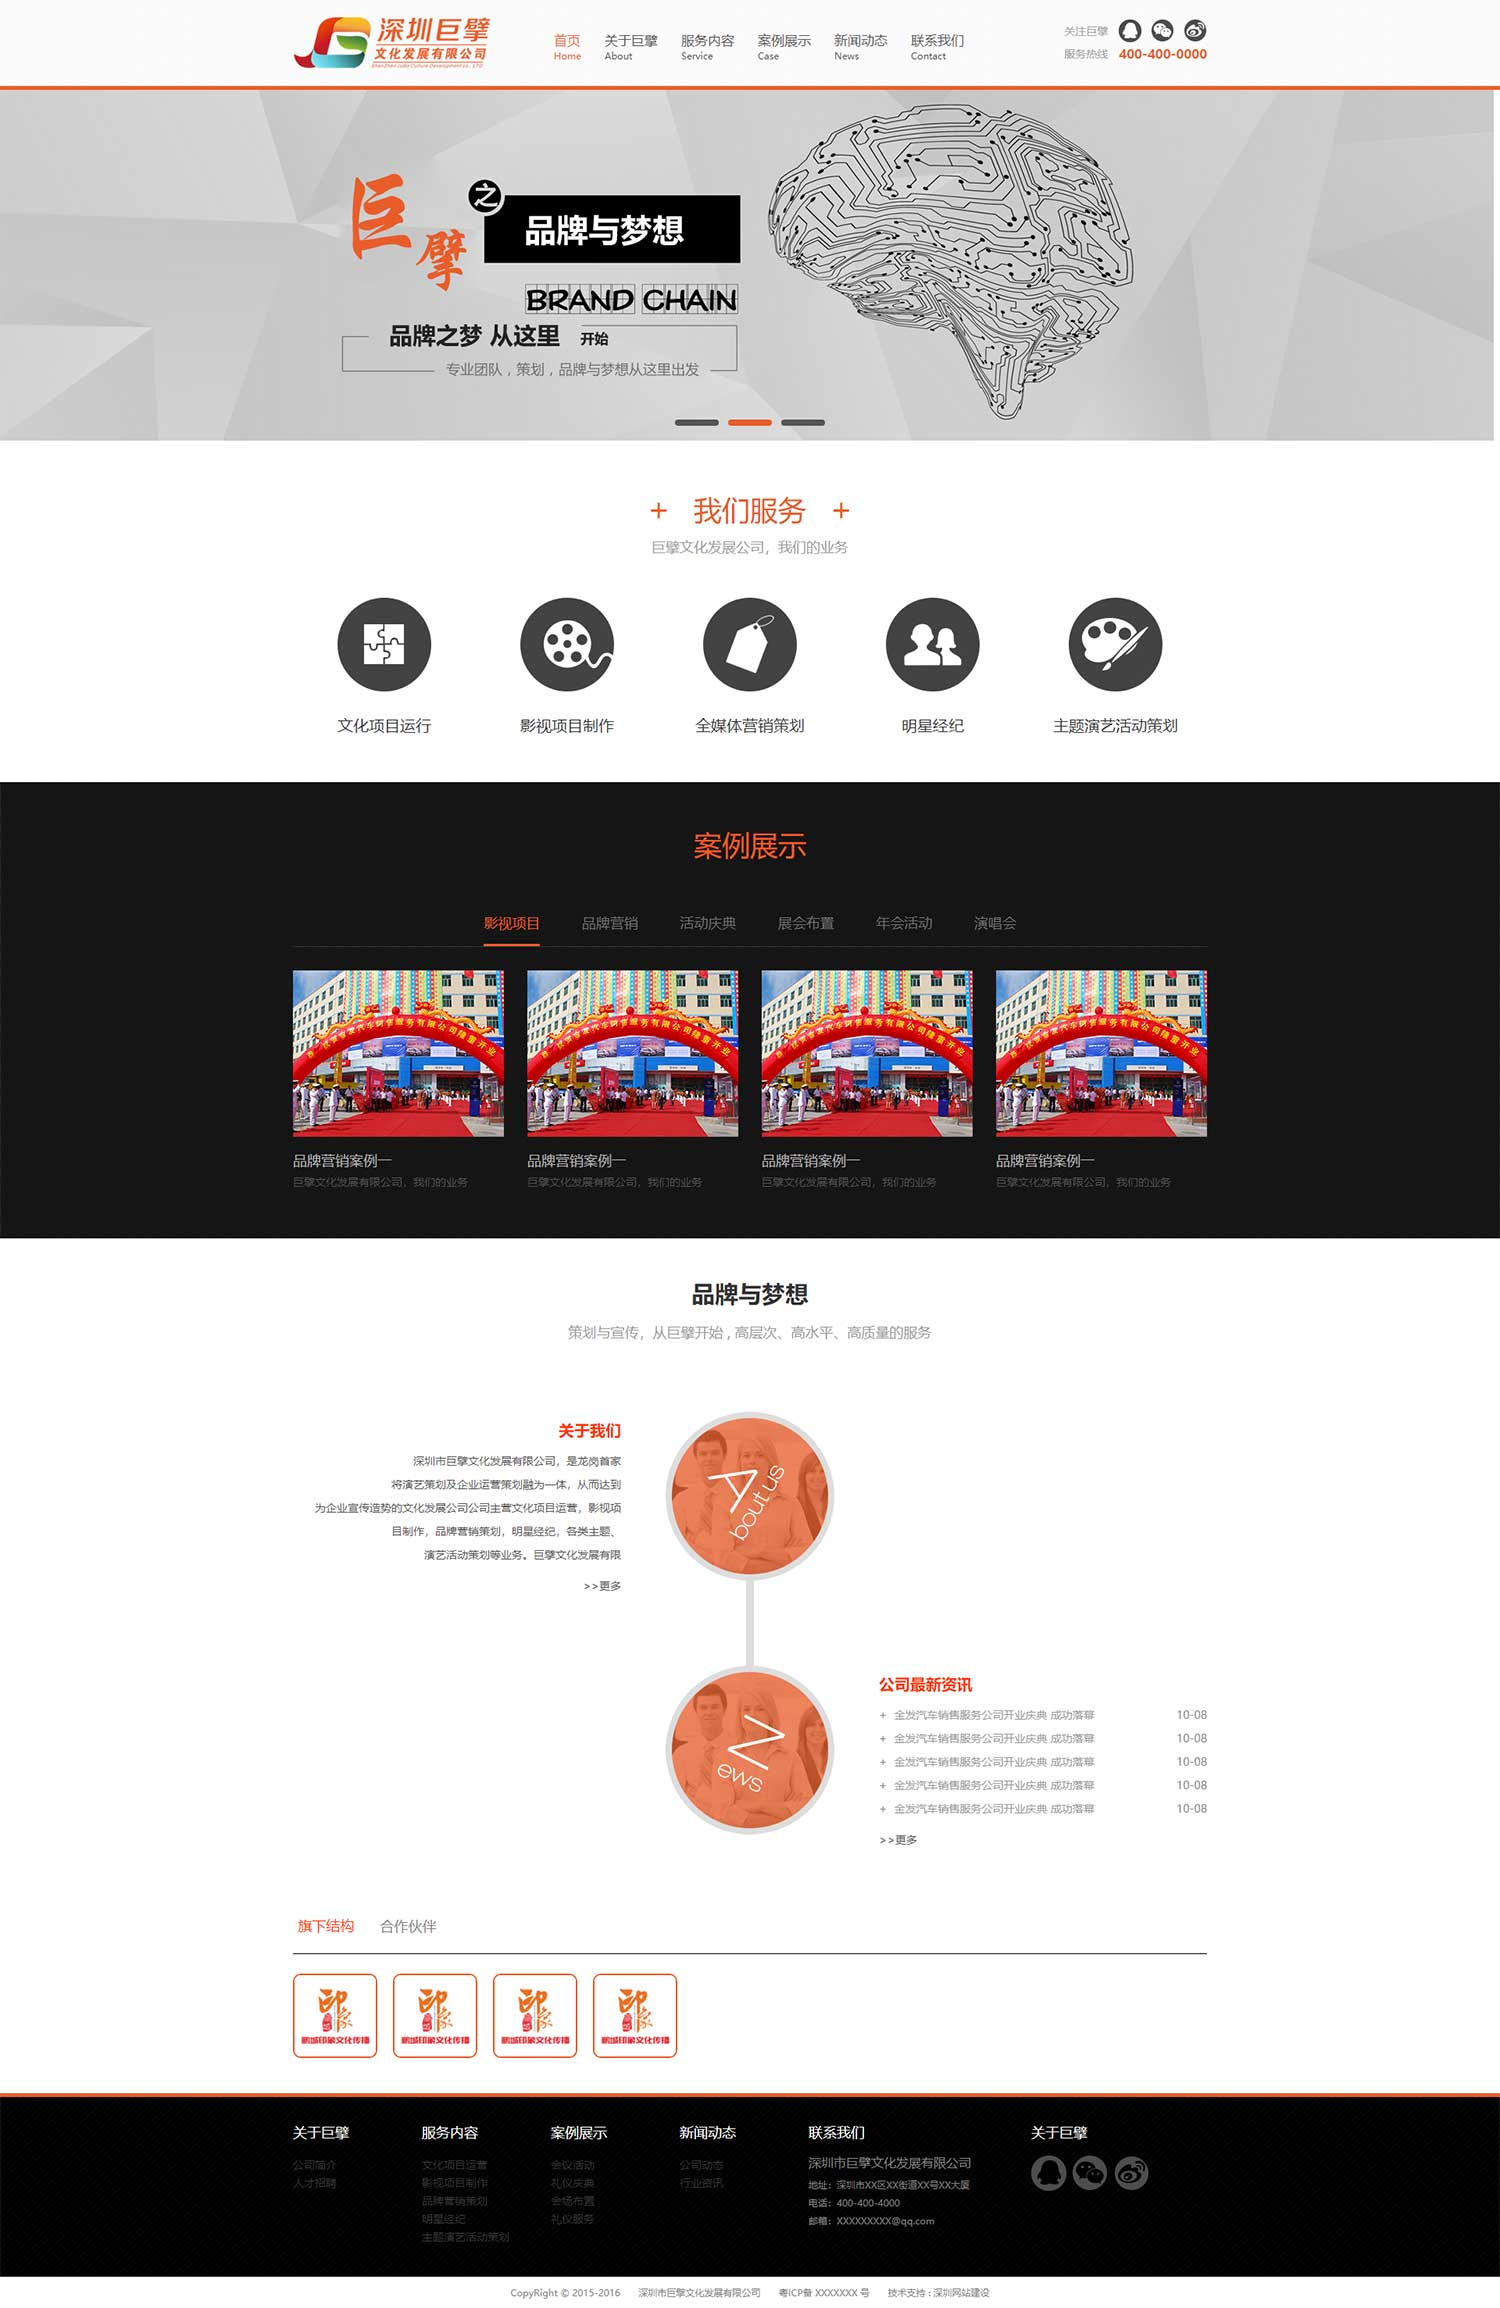 橙色宽屏的巨擘传媒新媒体公司网站html模板